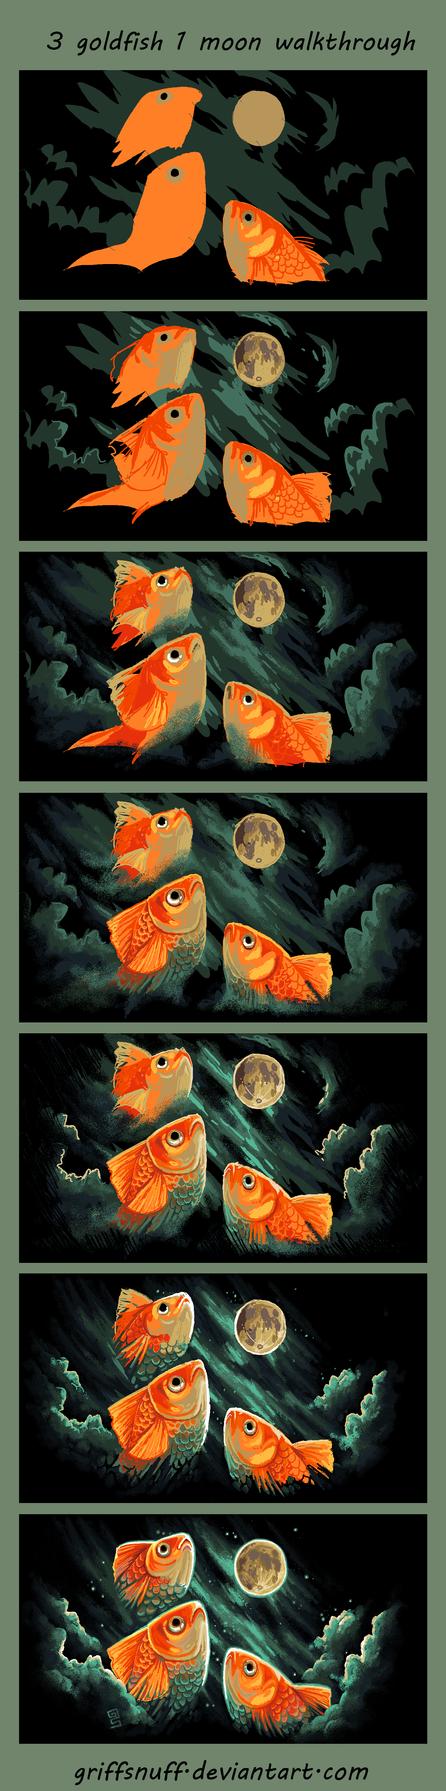 3 goldfish 1 moon walkthrough by griffsnuff